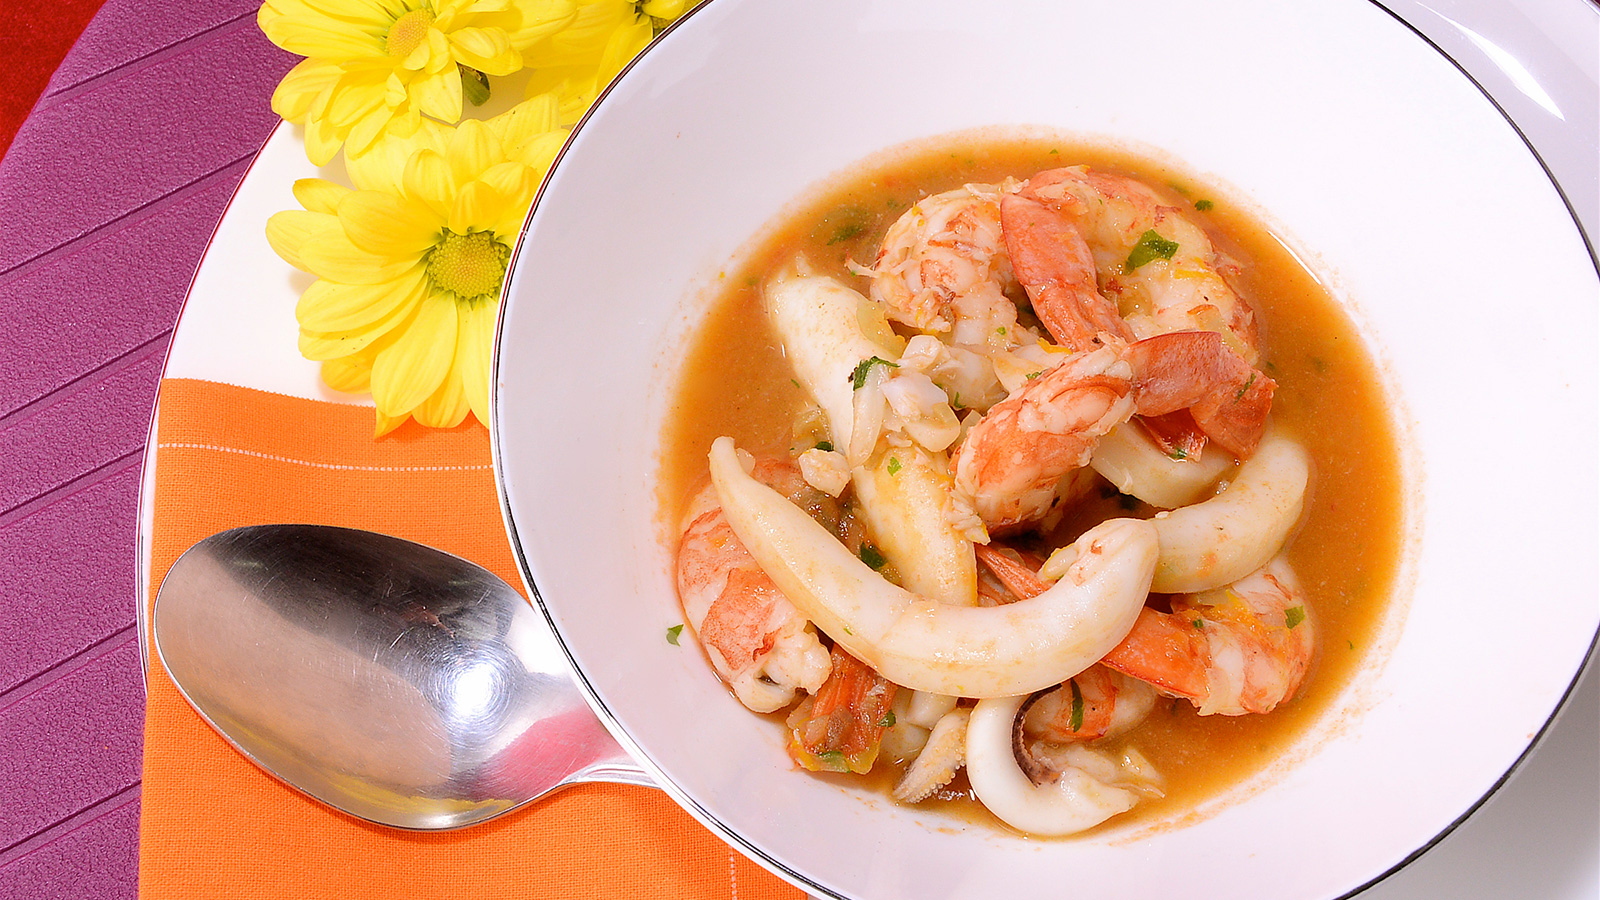 Estofado de gambones con sepia al vermut diana cabrera receta canal cocina - Diana cabrera canal cocina ...